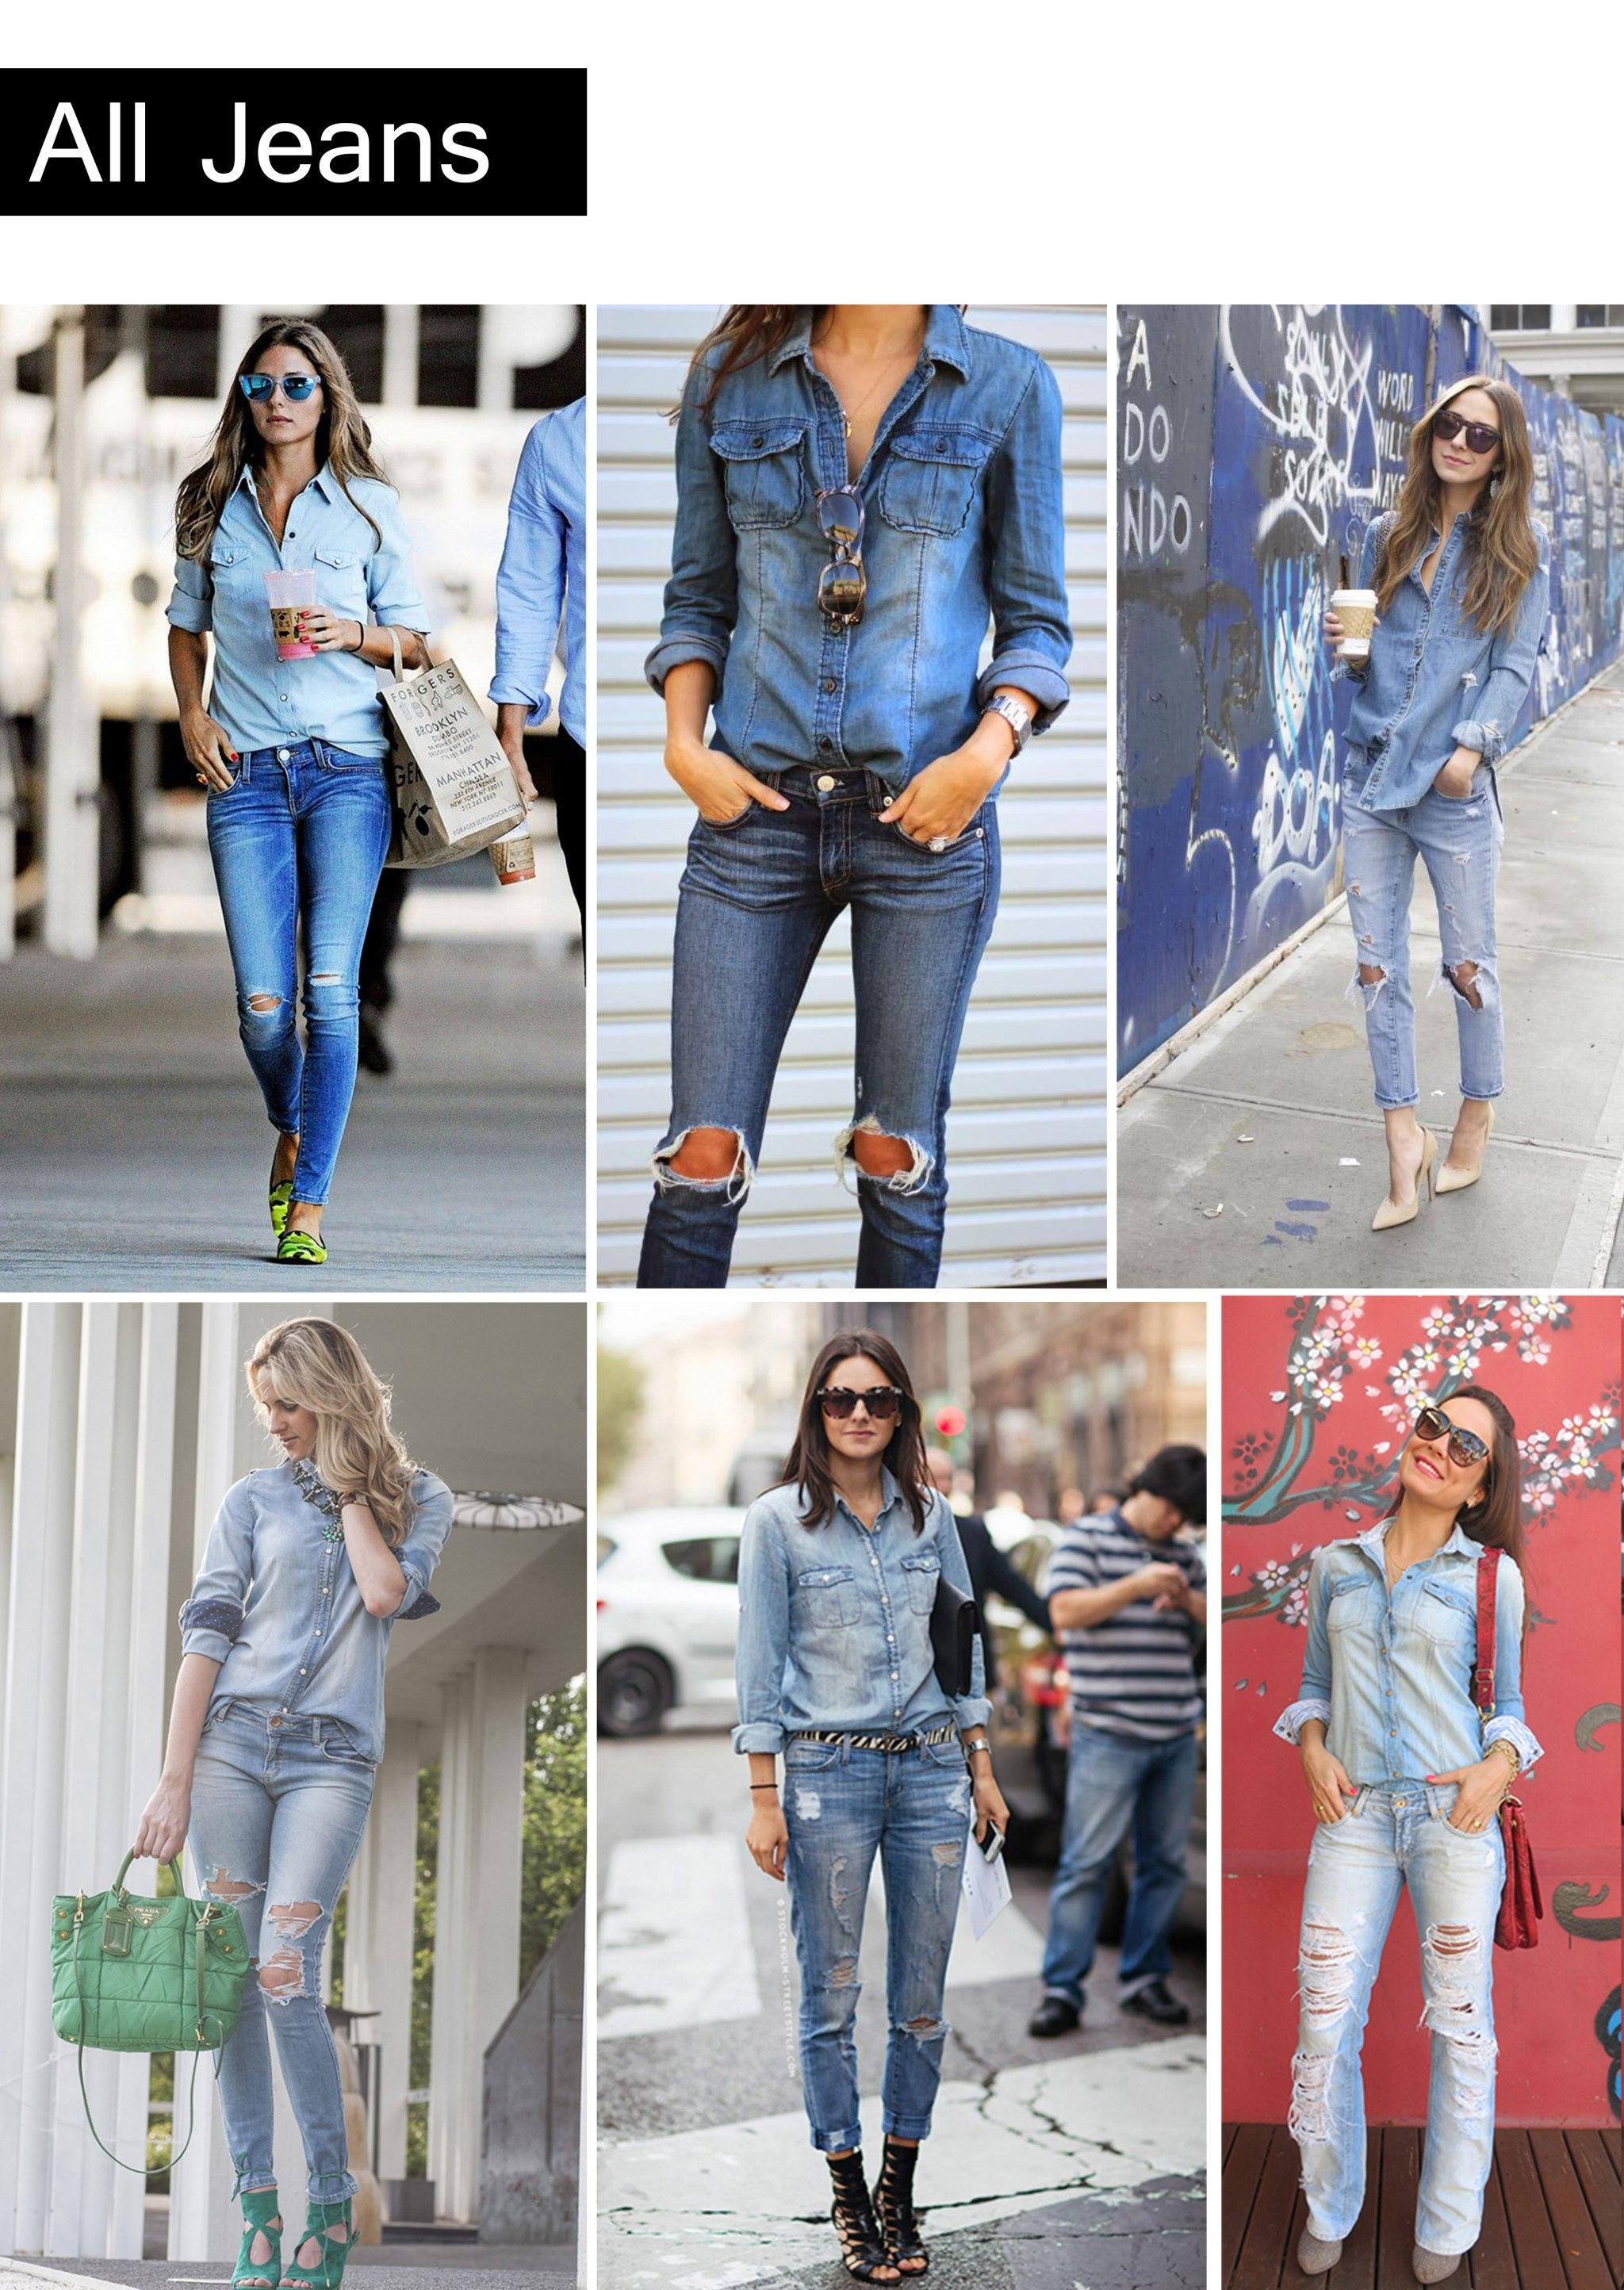 all-jeans com calça destroyed / All_Jeans com destroyed jeans